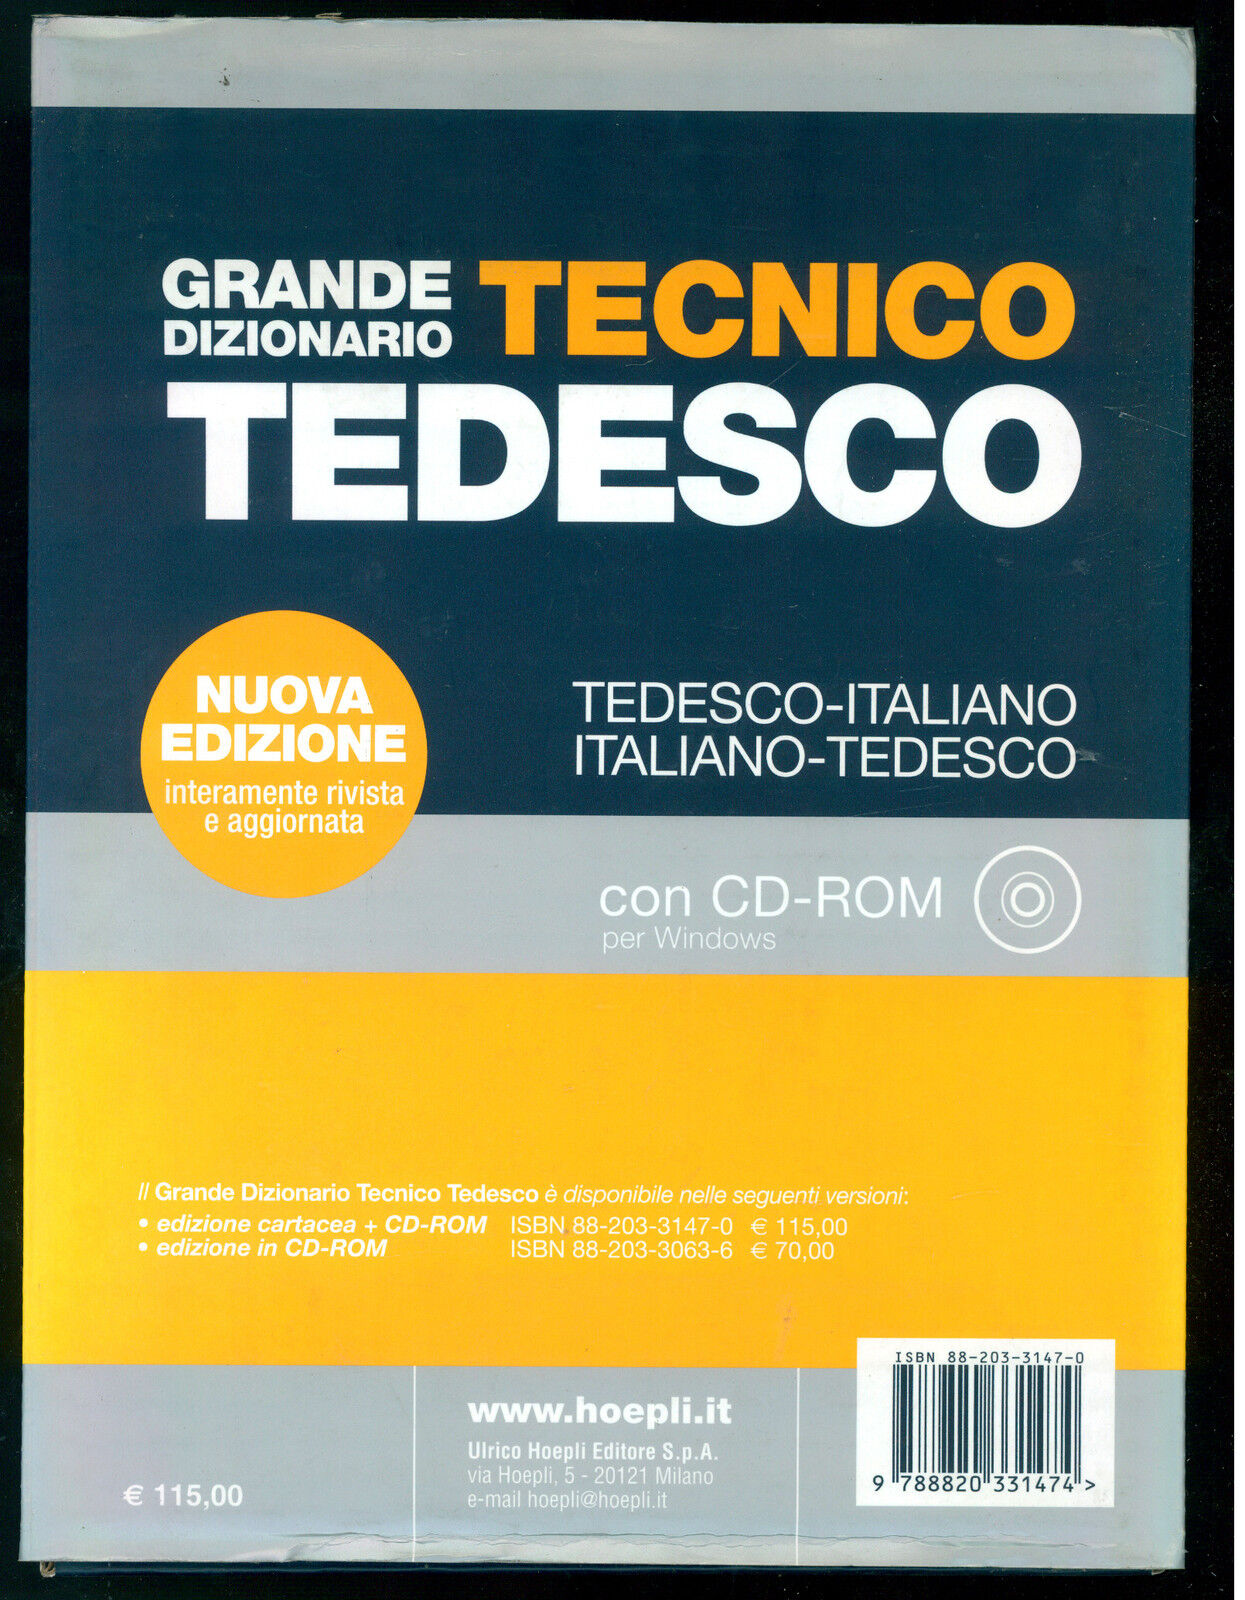 GRANDE DIZIONARIO TECNICO TEDESCO HOEPLI  2003 CON CD ROM